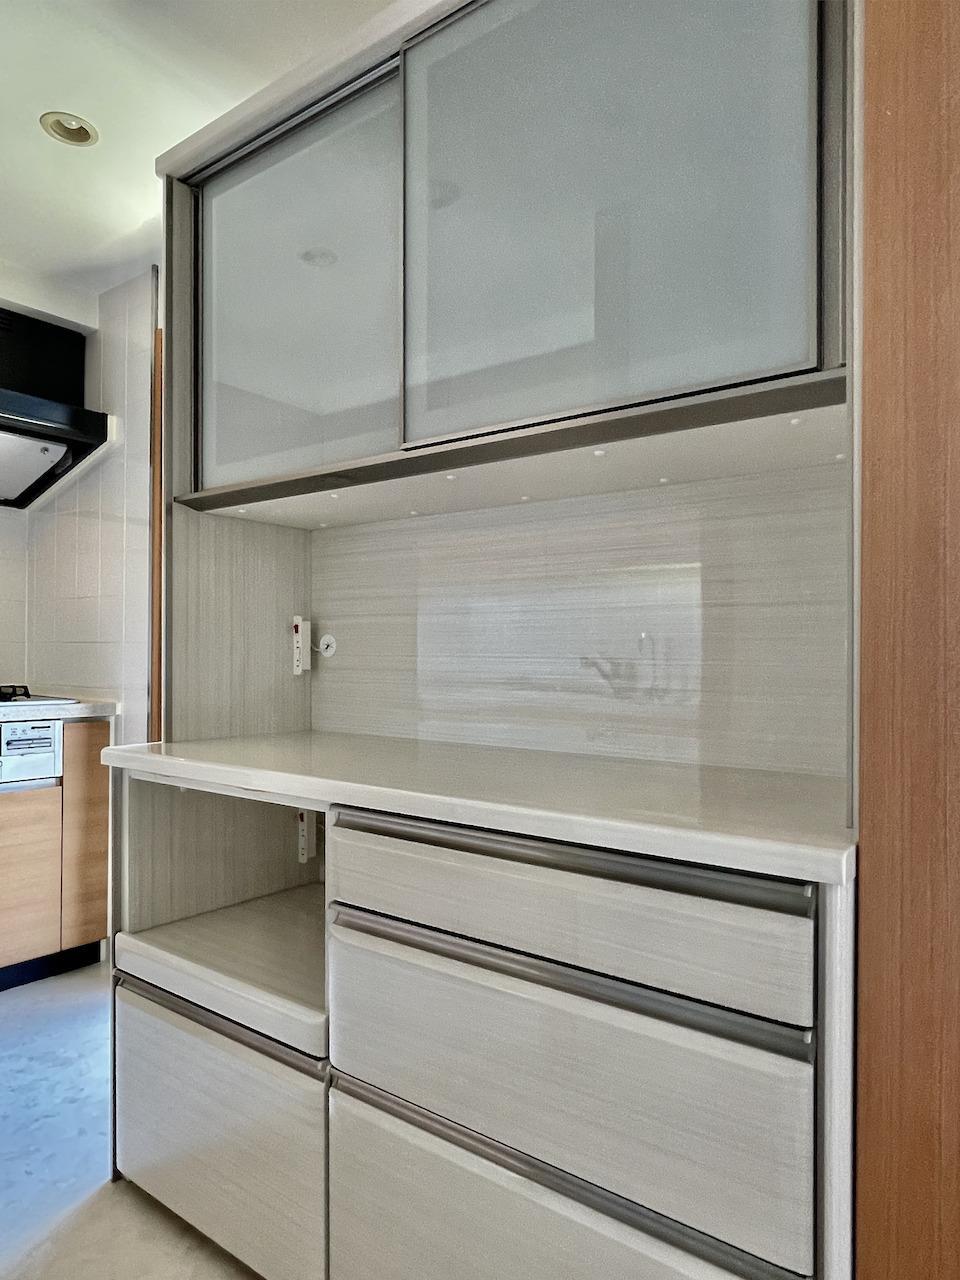 キッチン収納棚付き。